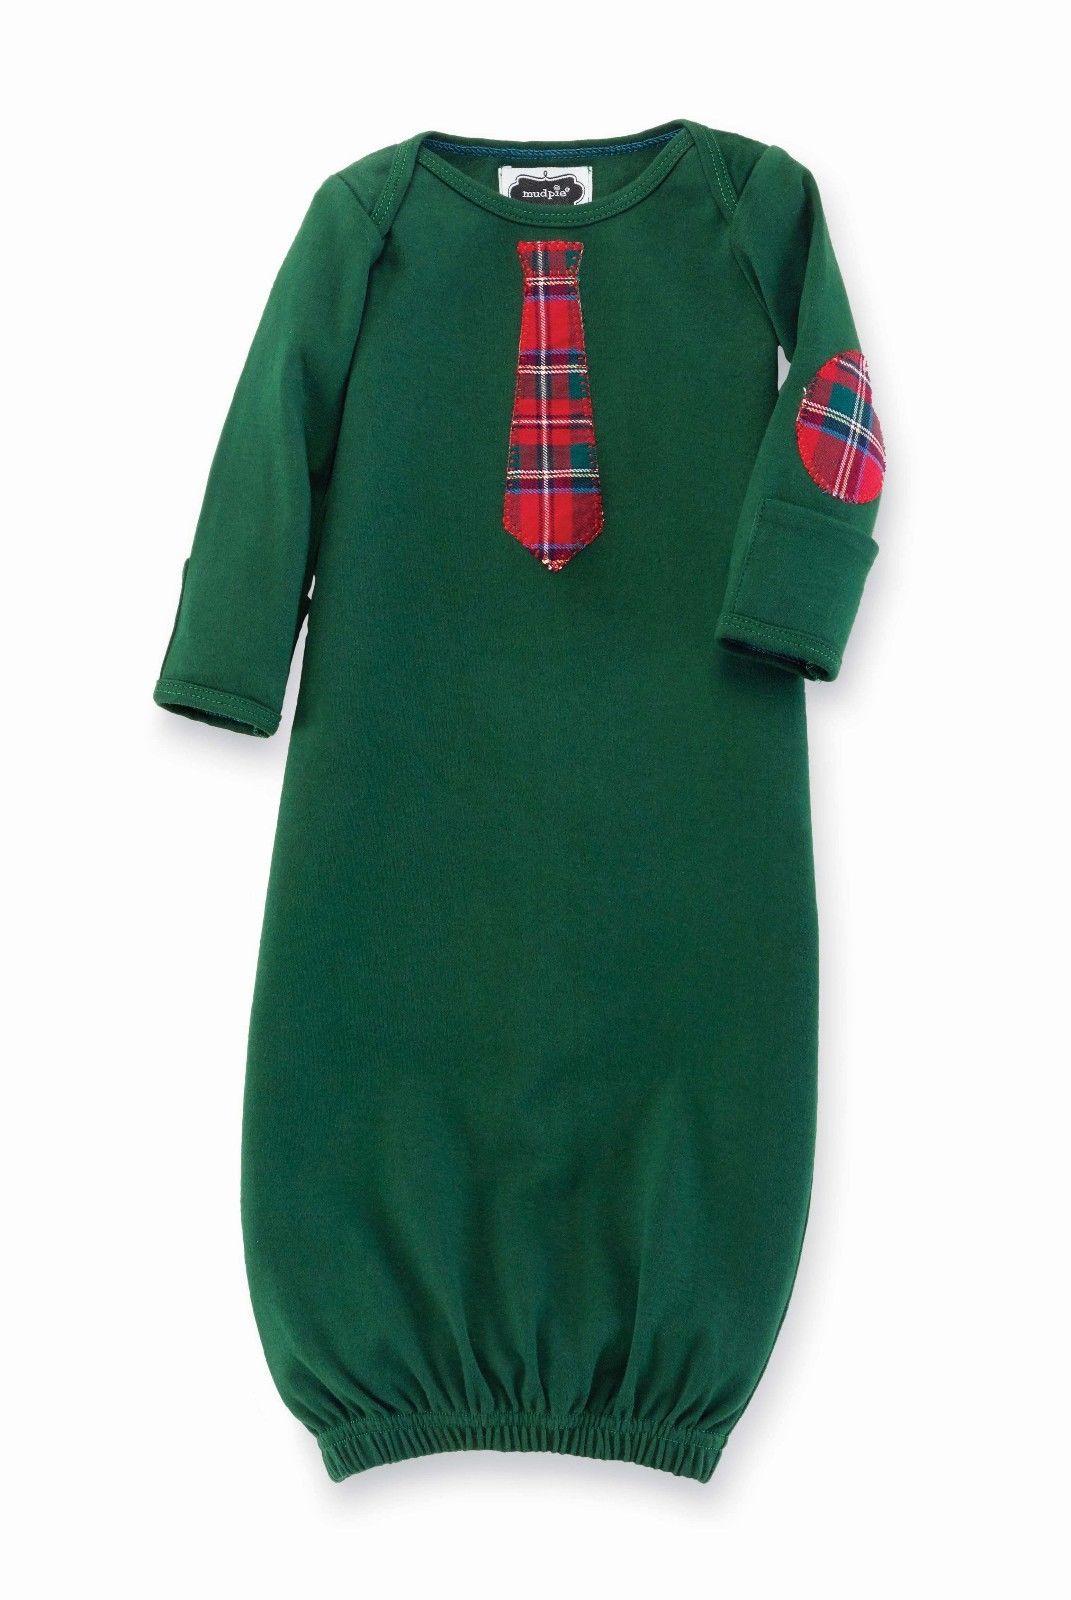 Mud Pie Christmas Holiday Best Baby Boy Plaid Necktie Sleep Gown ...